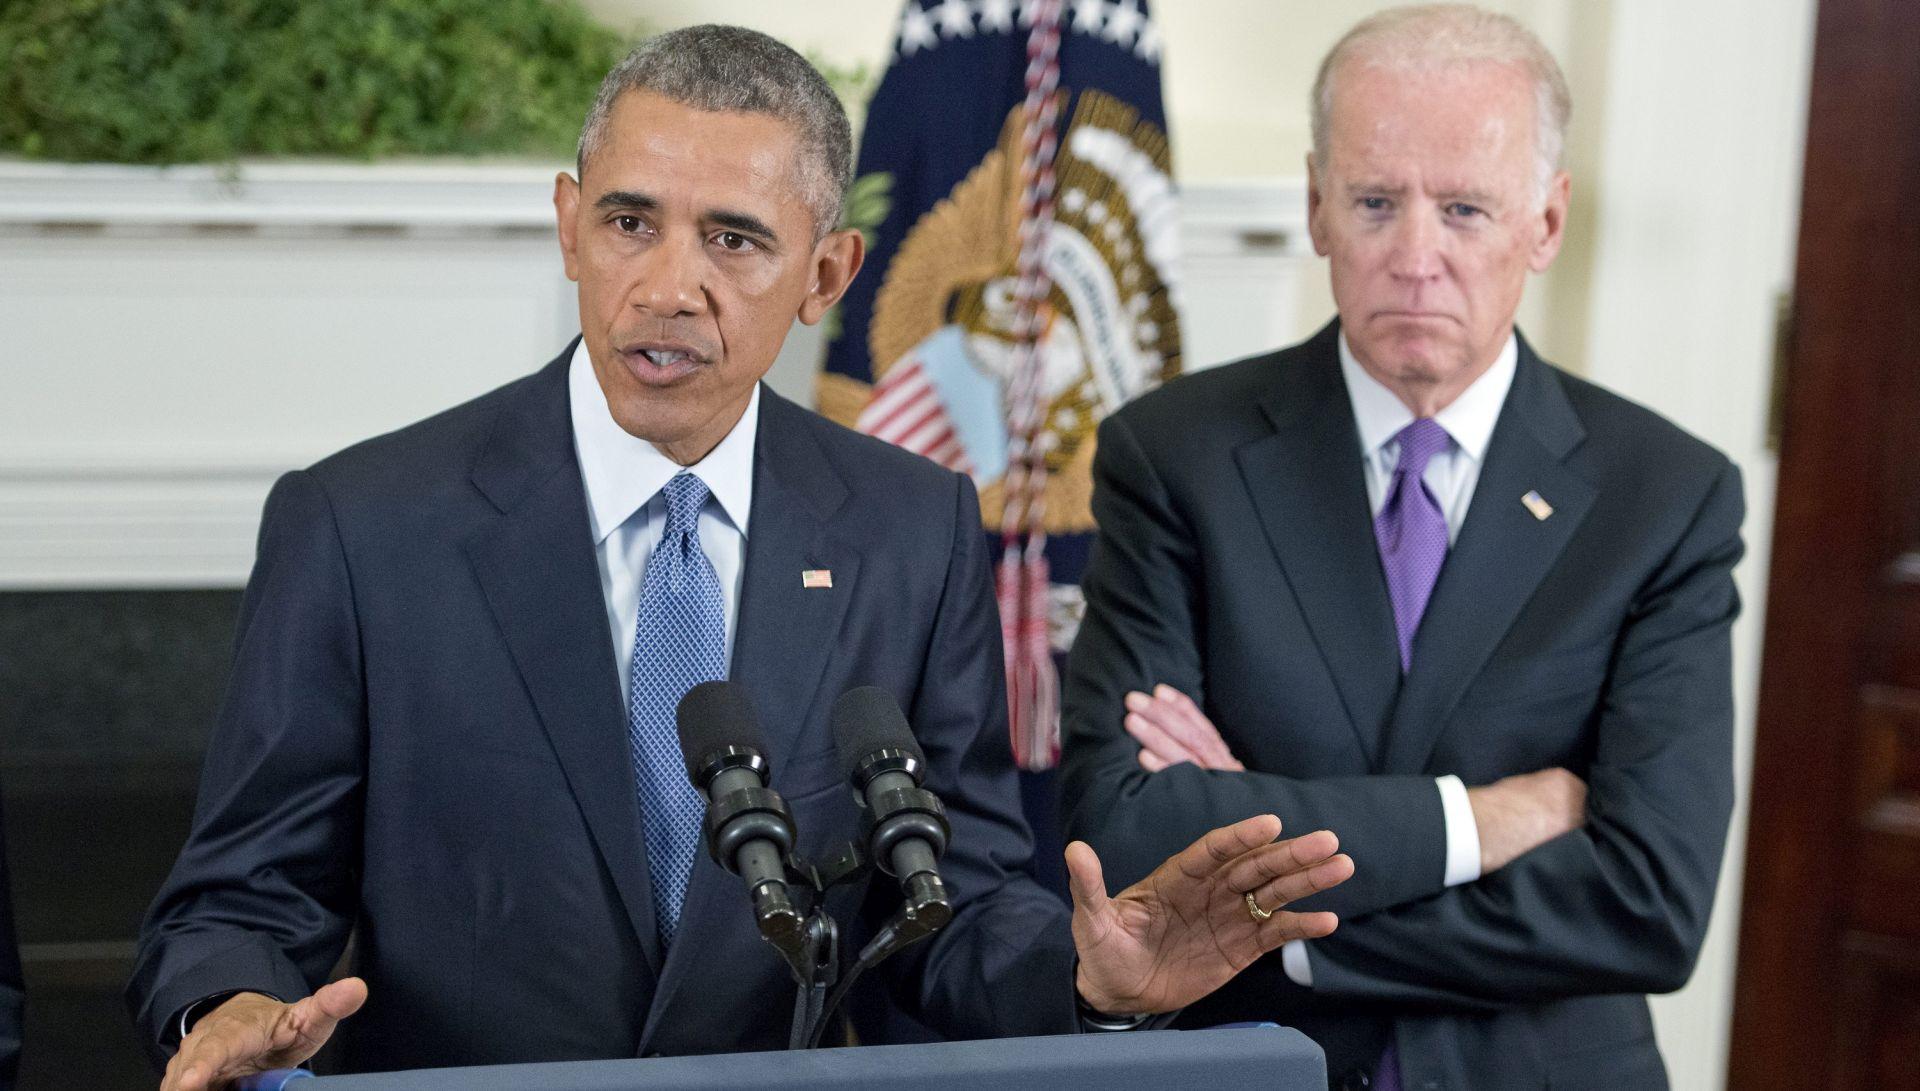 Obama: Afganistanske snage još nisu dovoljno jake